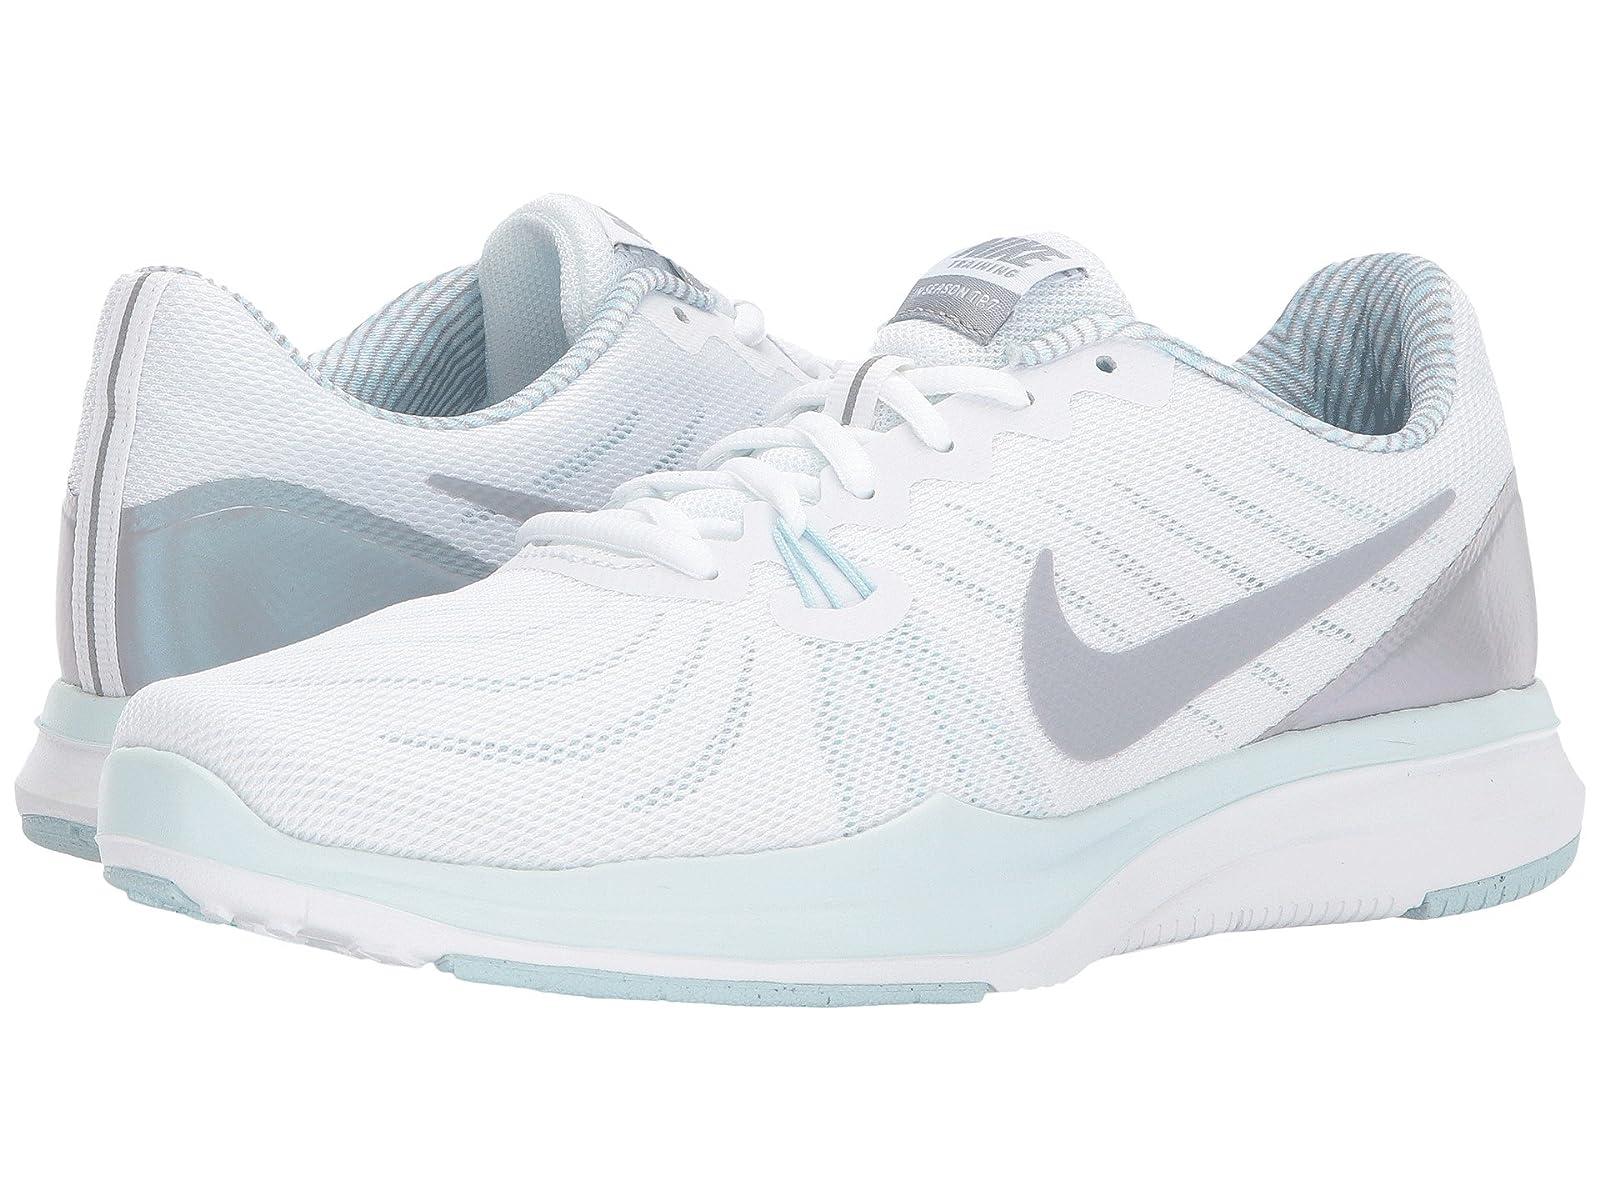 Man/Woman-Men's/Women's:Nike -Take In-Season 7 : Quotation -Take Man/Woman-Men's/Women's:Nike full advantage of materials 9b2fc6